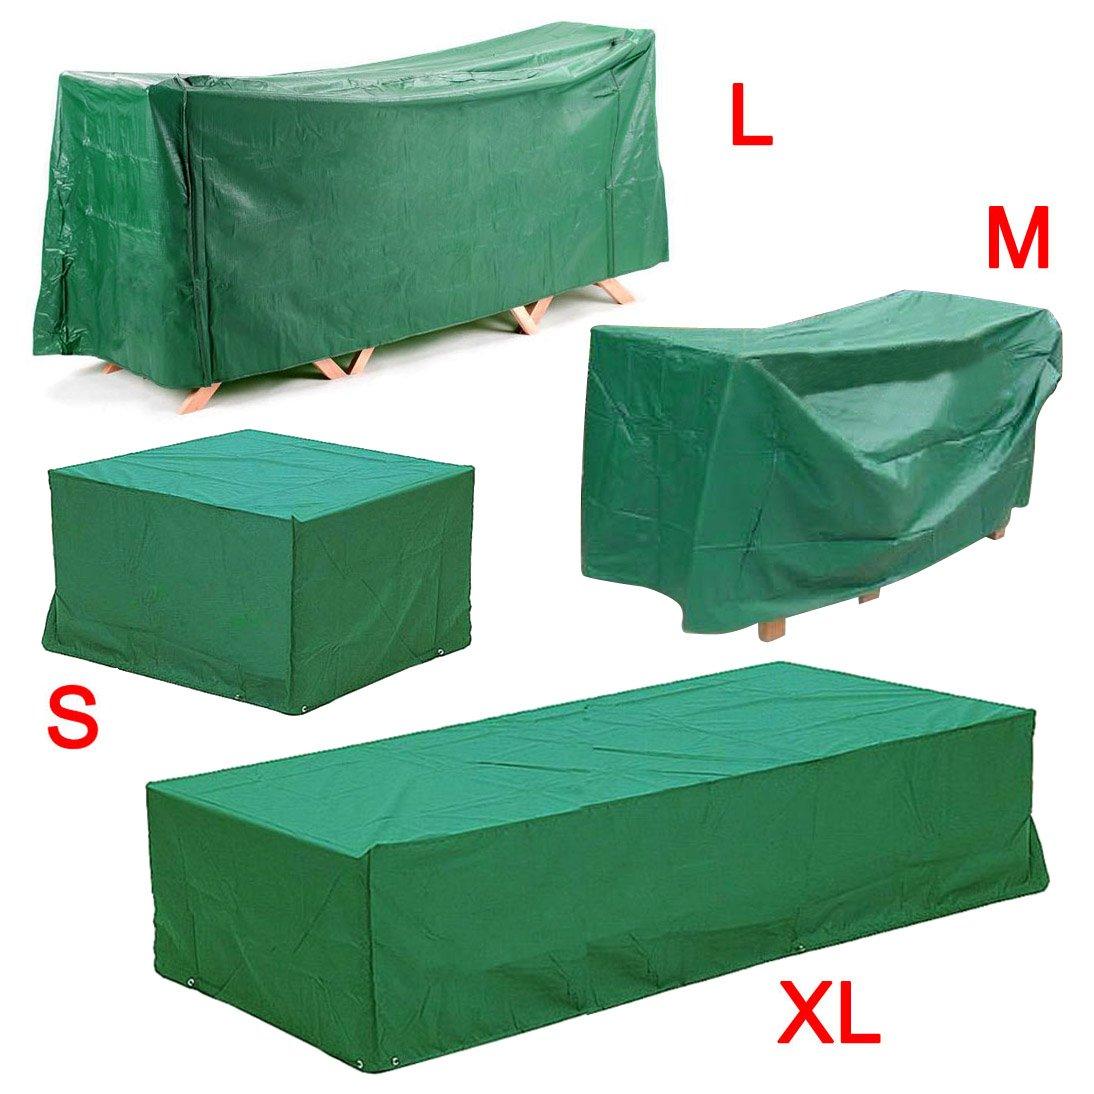 Yahee365 Schutzhülle Sitzgruppe Abdeckhaube Gartenmöbel Abdeckplane Schutzplane Gartenmöbel Schutzhülle (L) online kaufen